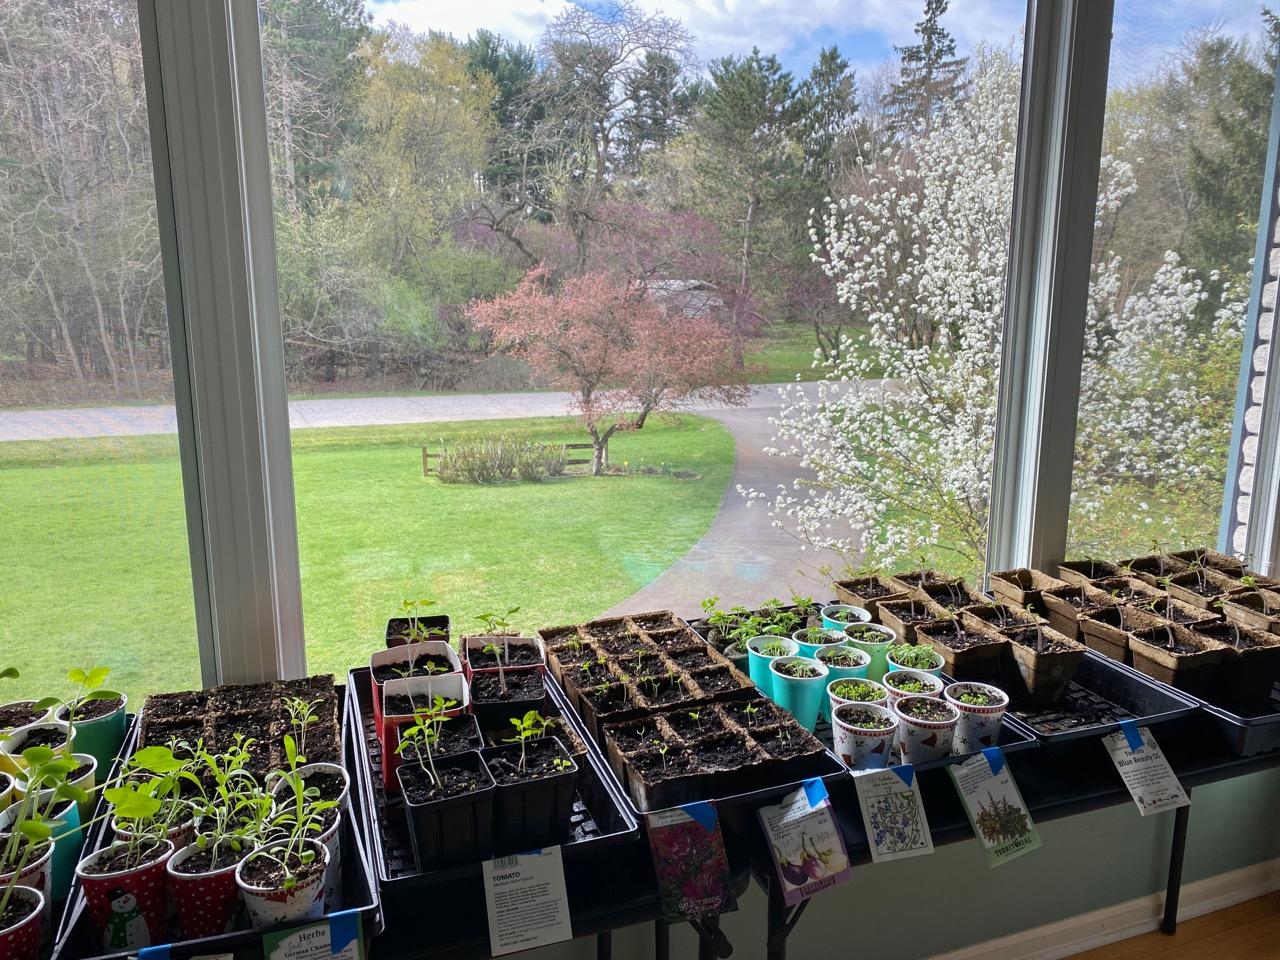 seedlings in window